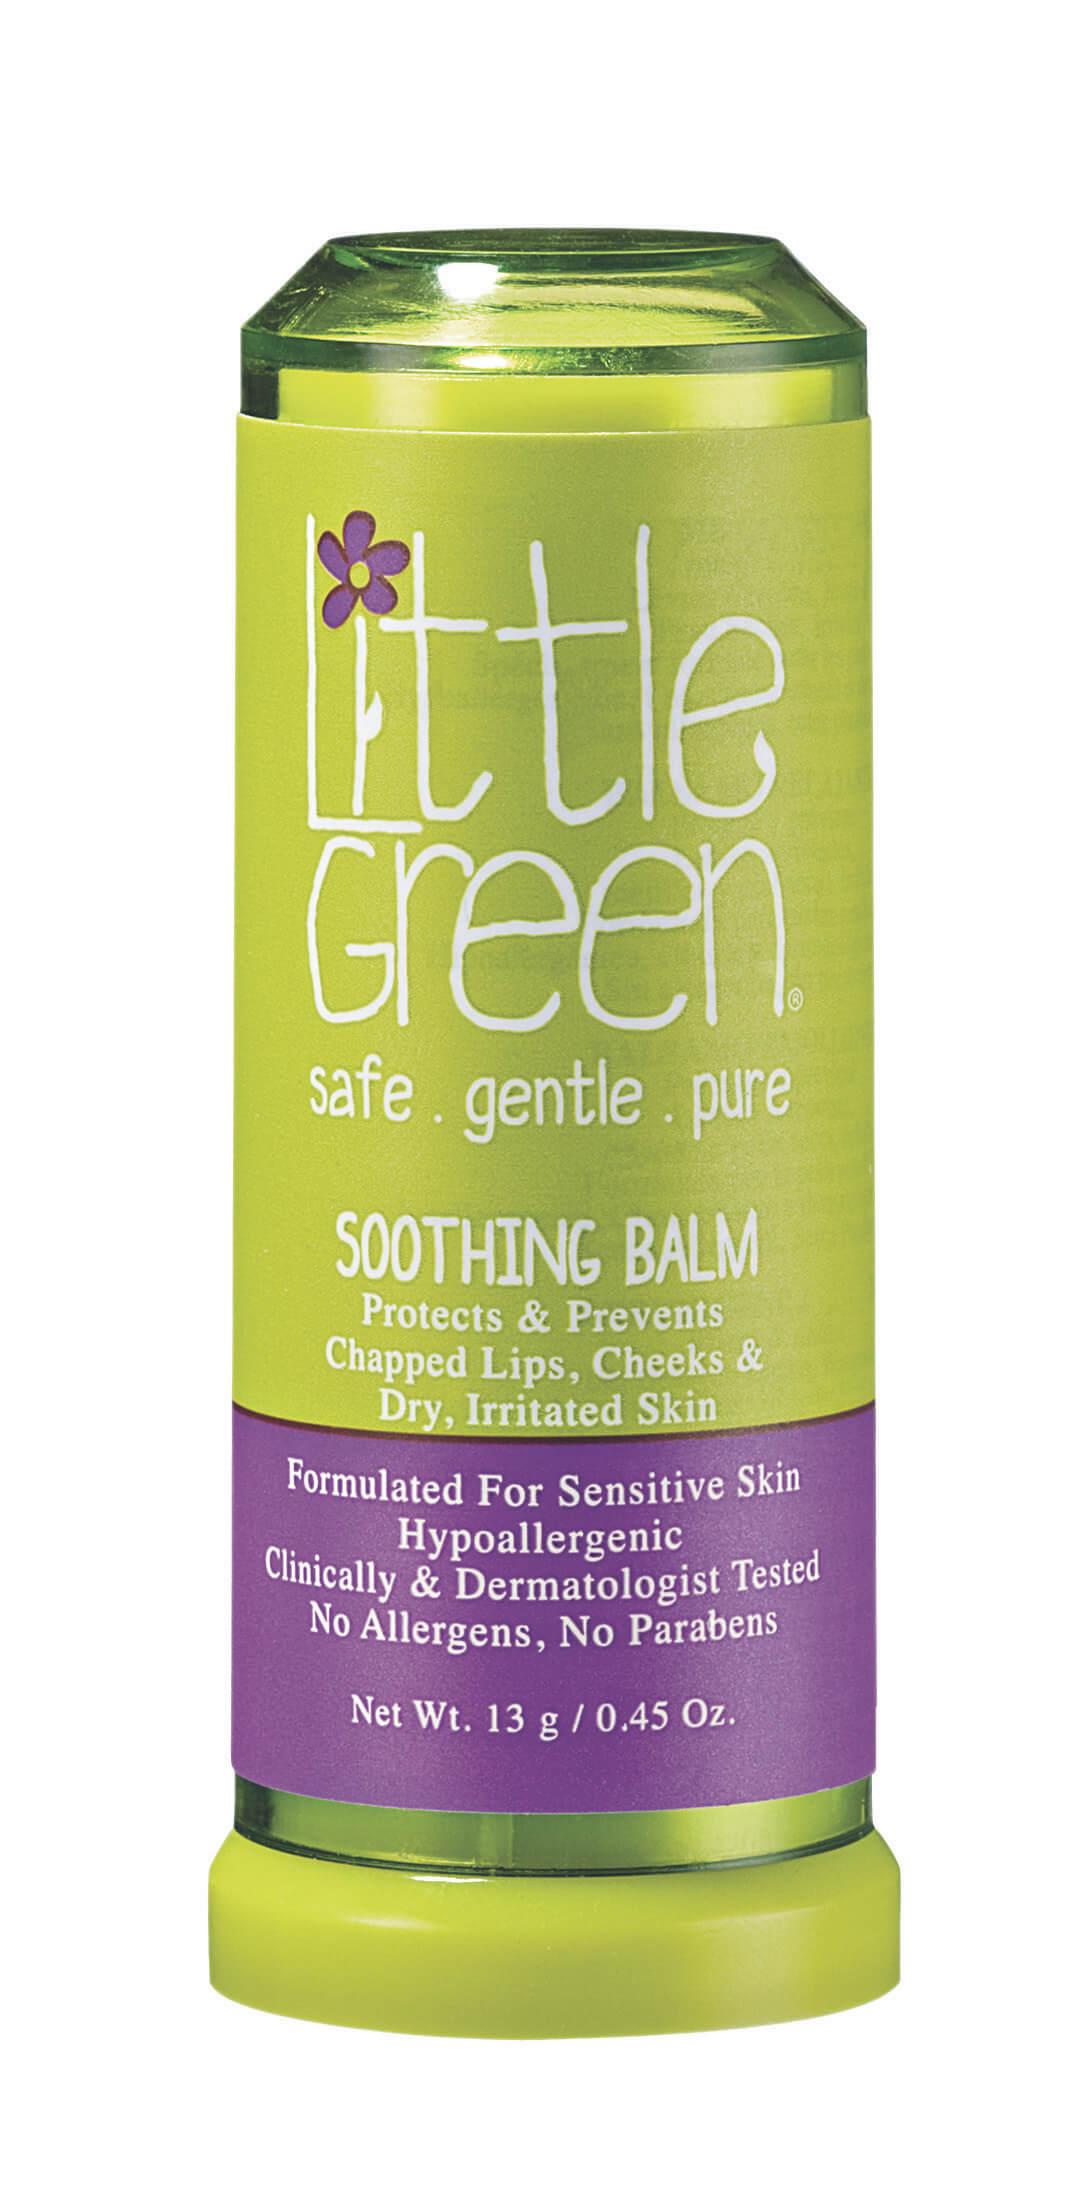 Little green balm